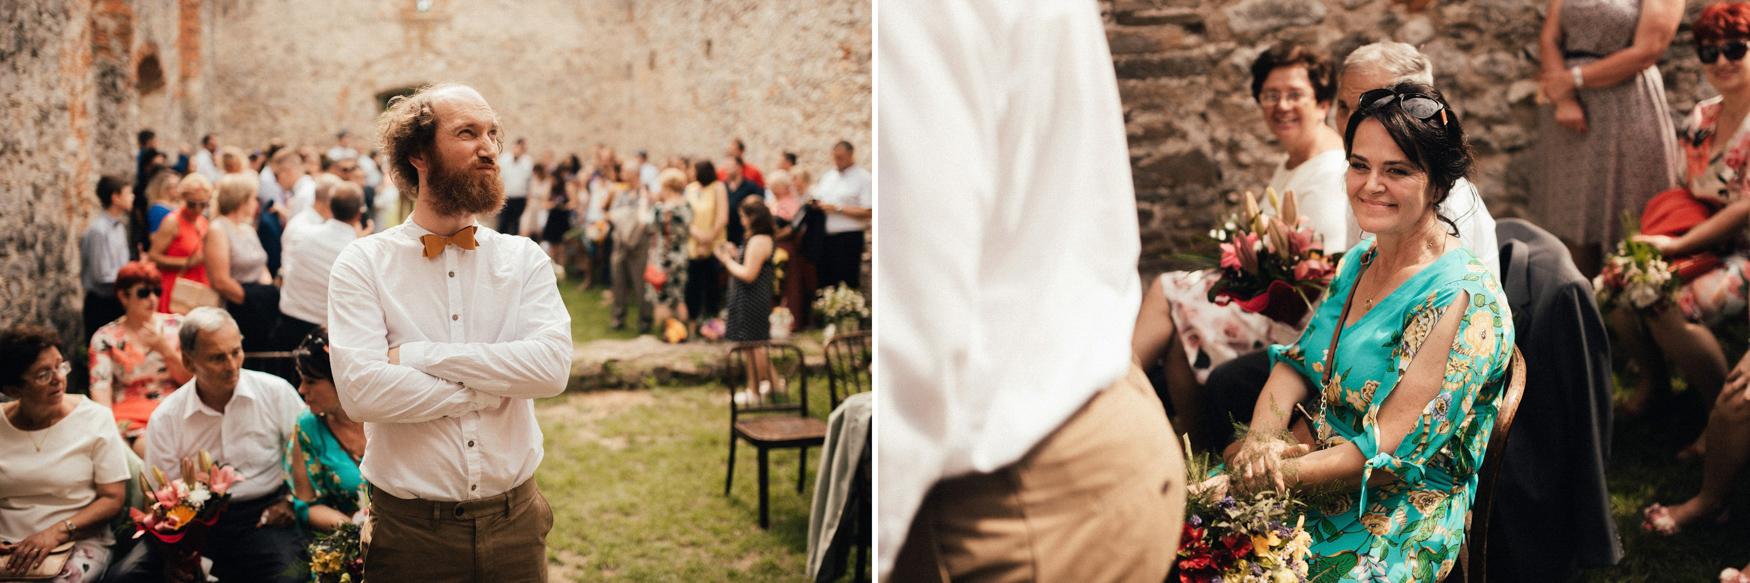 k&p relaxed hipster barn wedding 059.jpg